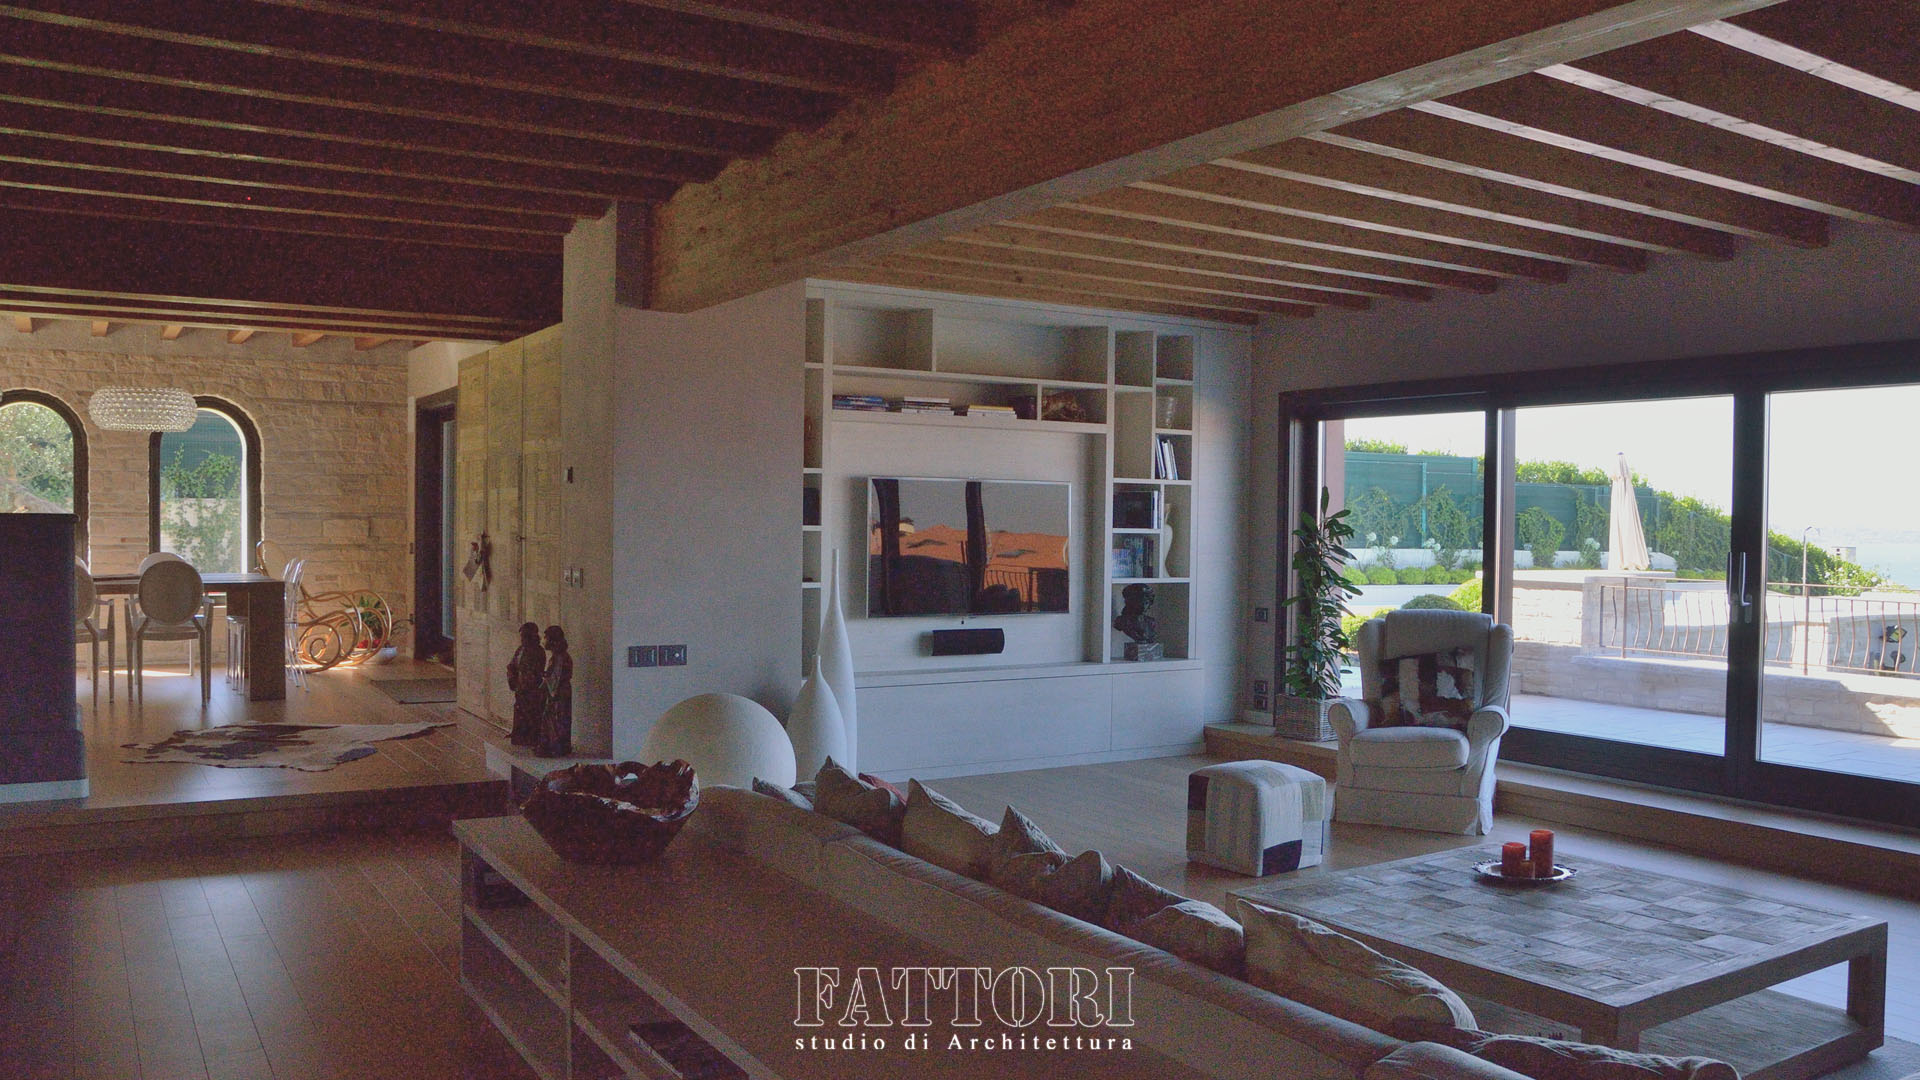 Studio di Architettura Fattori Fausto_progettazione ville residenziali_18